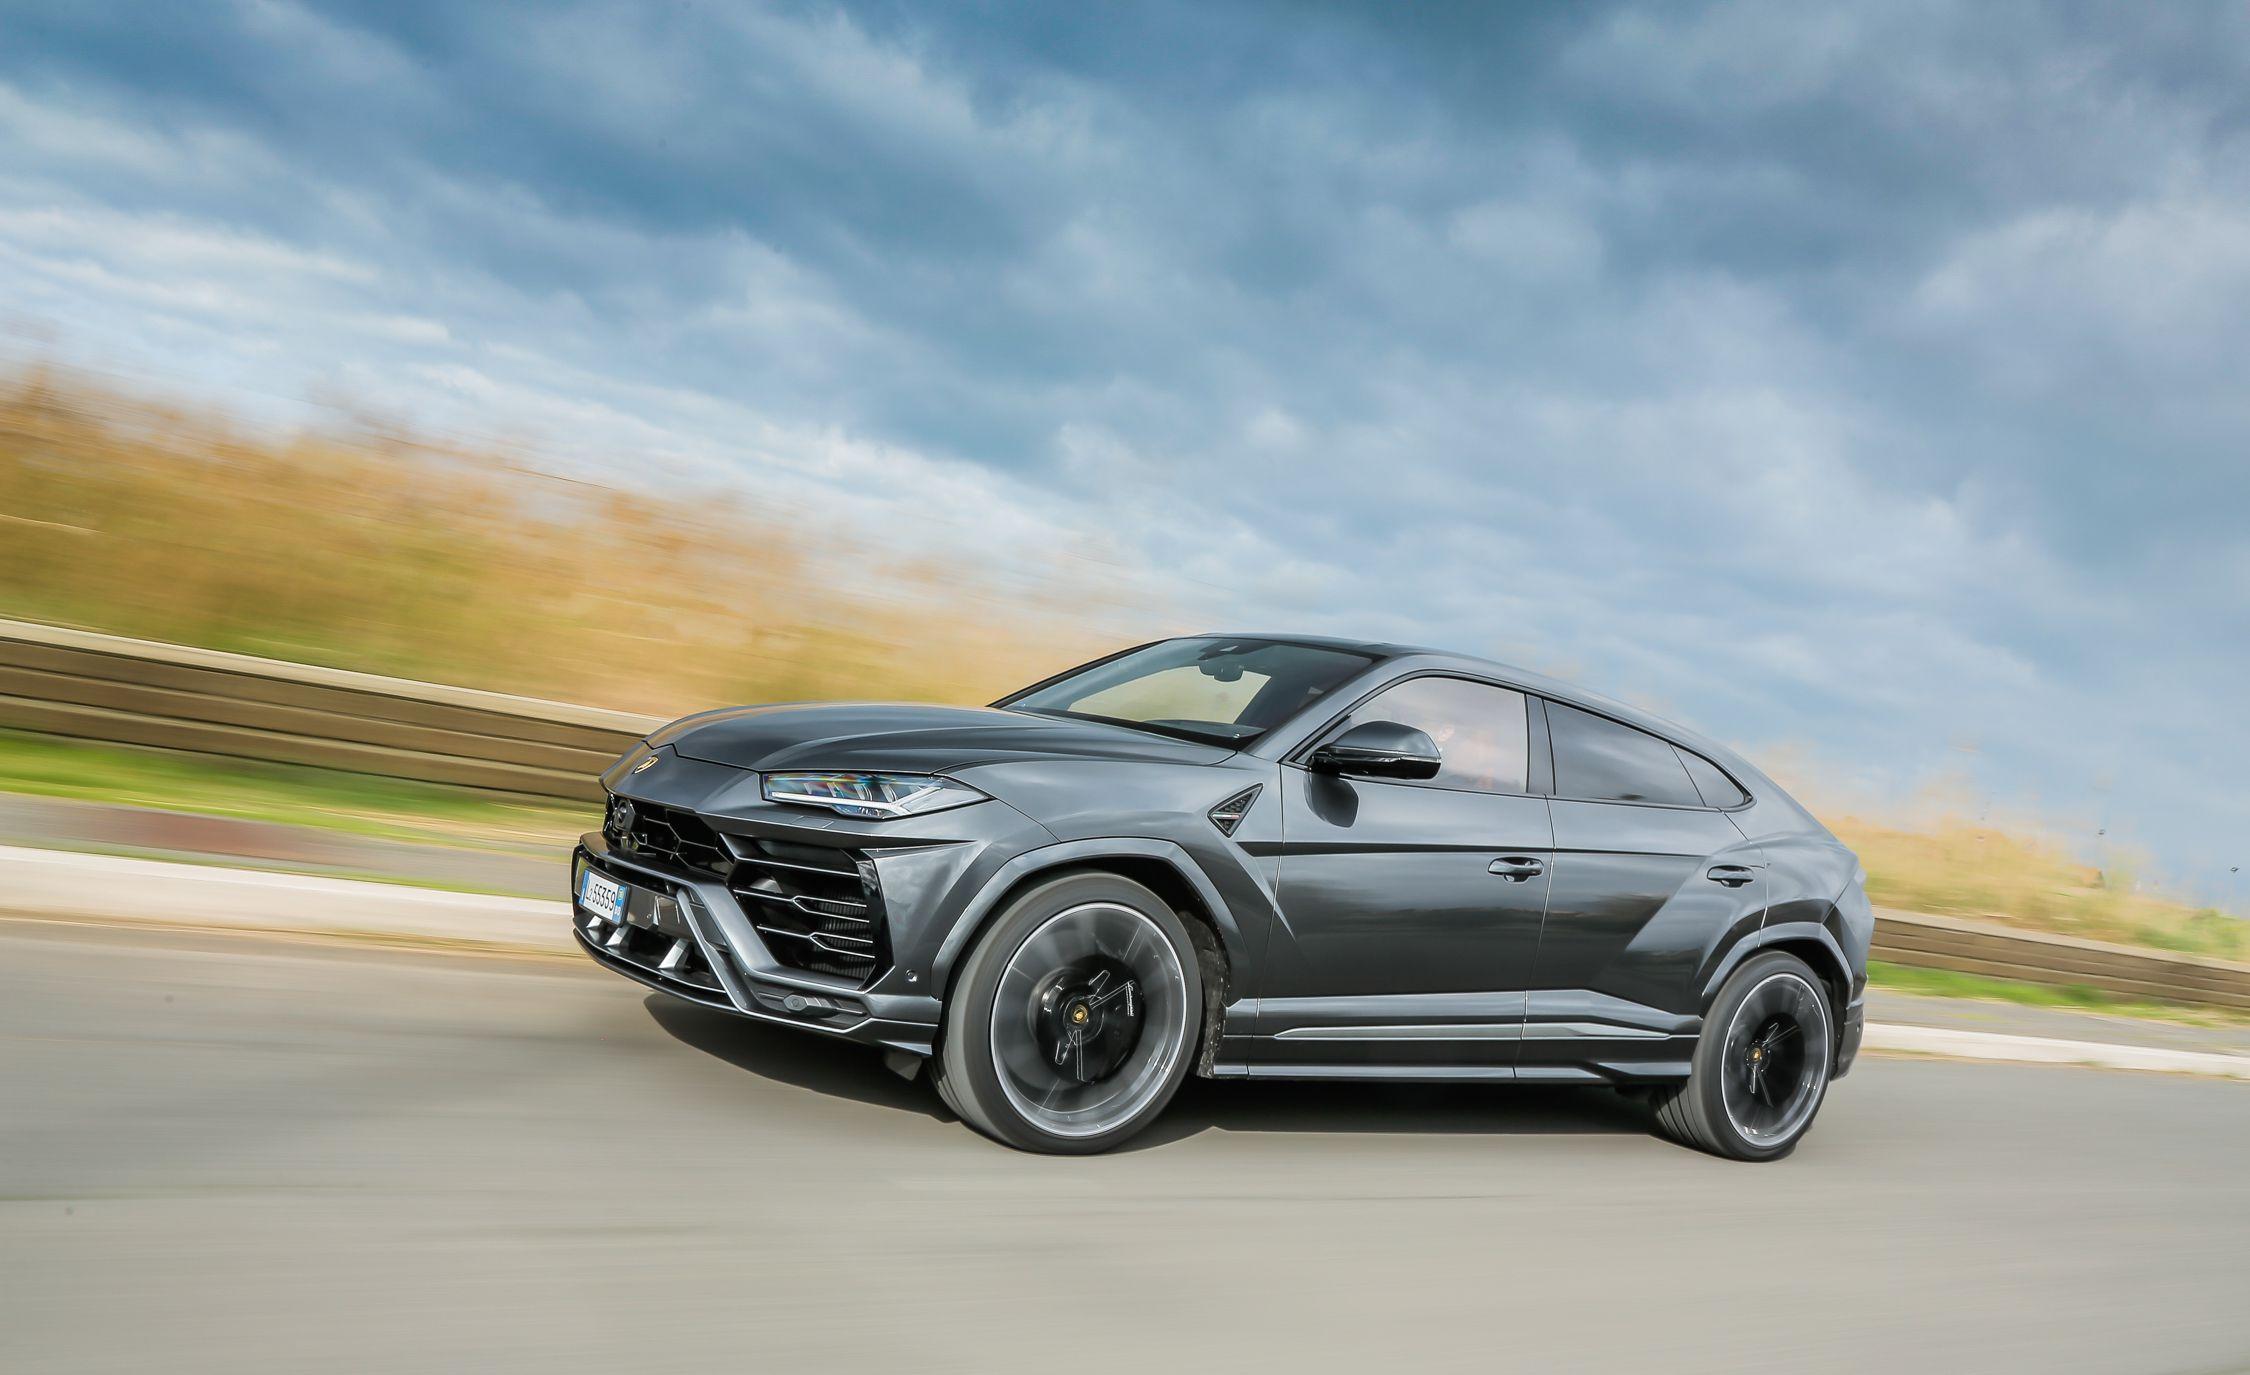 2019 Lamborghini Urus Front Three-Quarter Wallpaper (9)